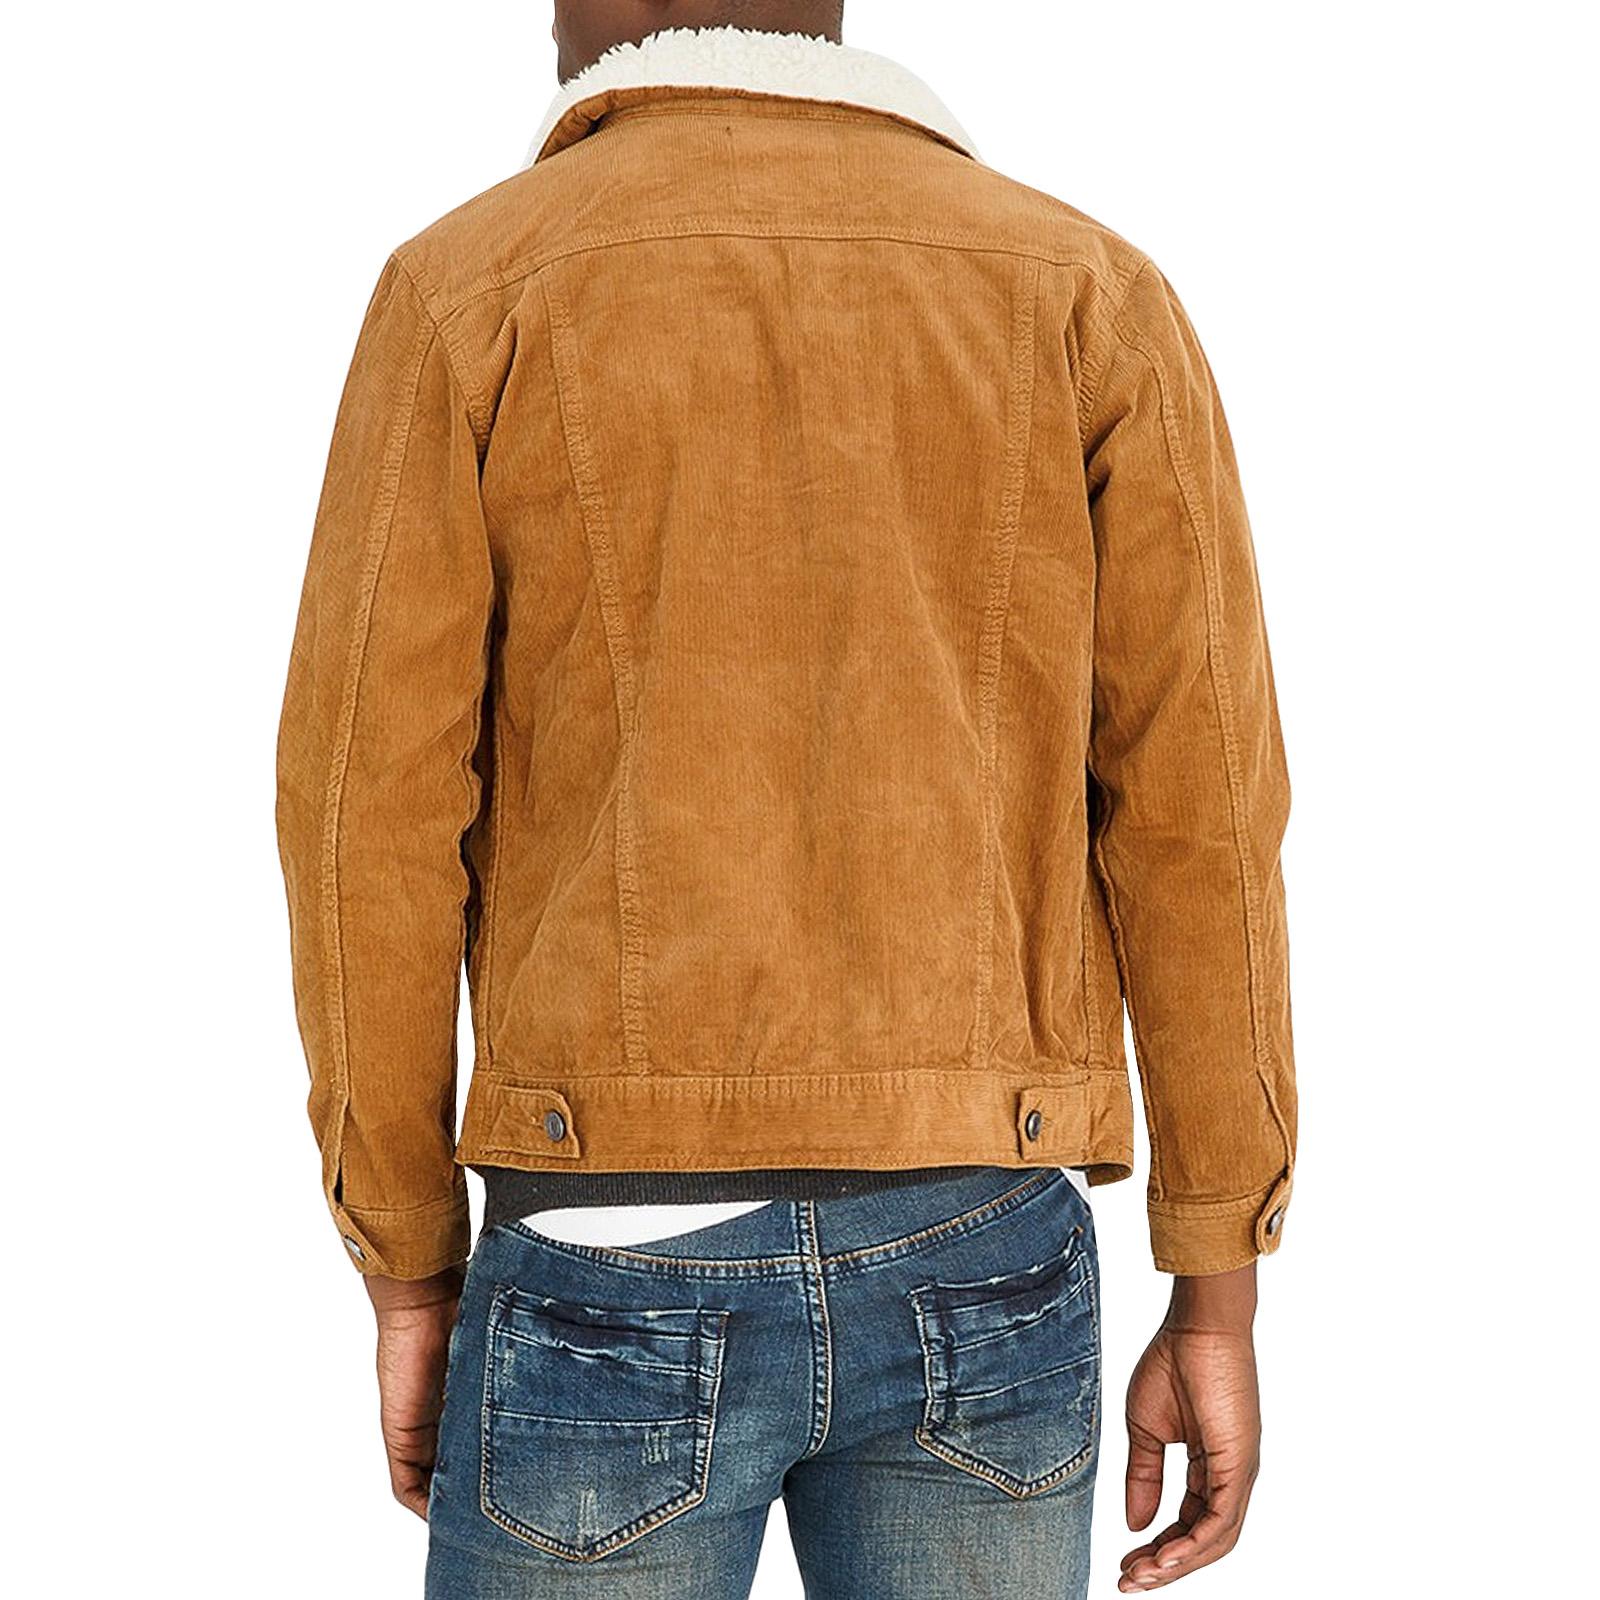 Brave-Soul-Homme-Prestwich-a-manches-longues-velours-boutonne-Casual-Demin-Veste-Manteau miniature 3